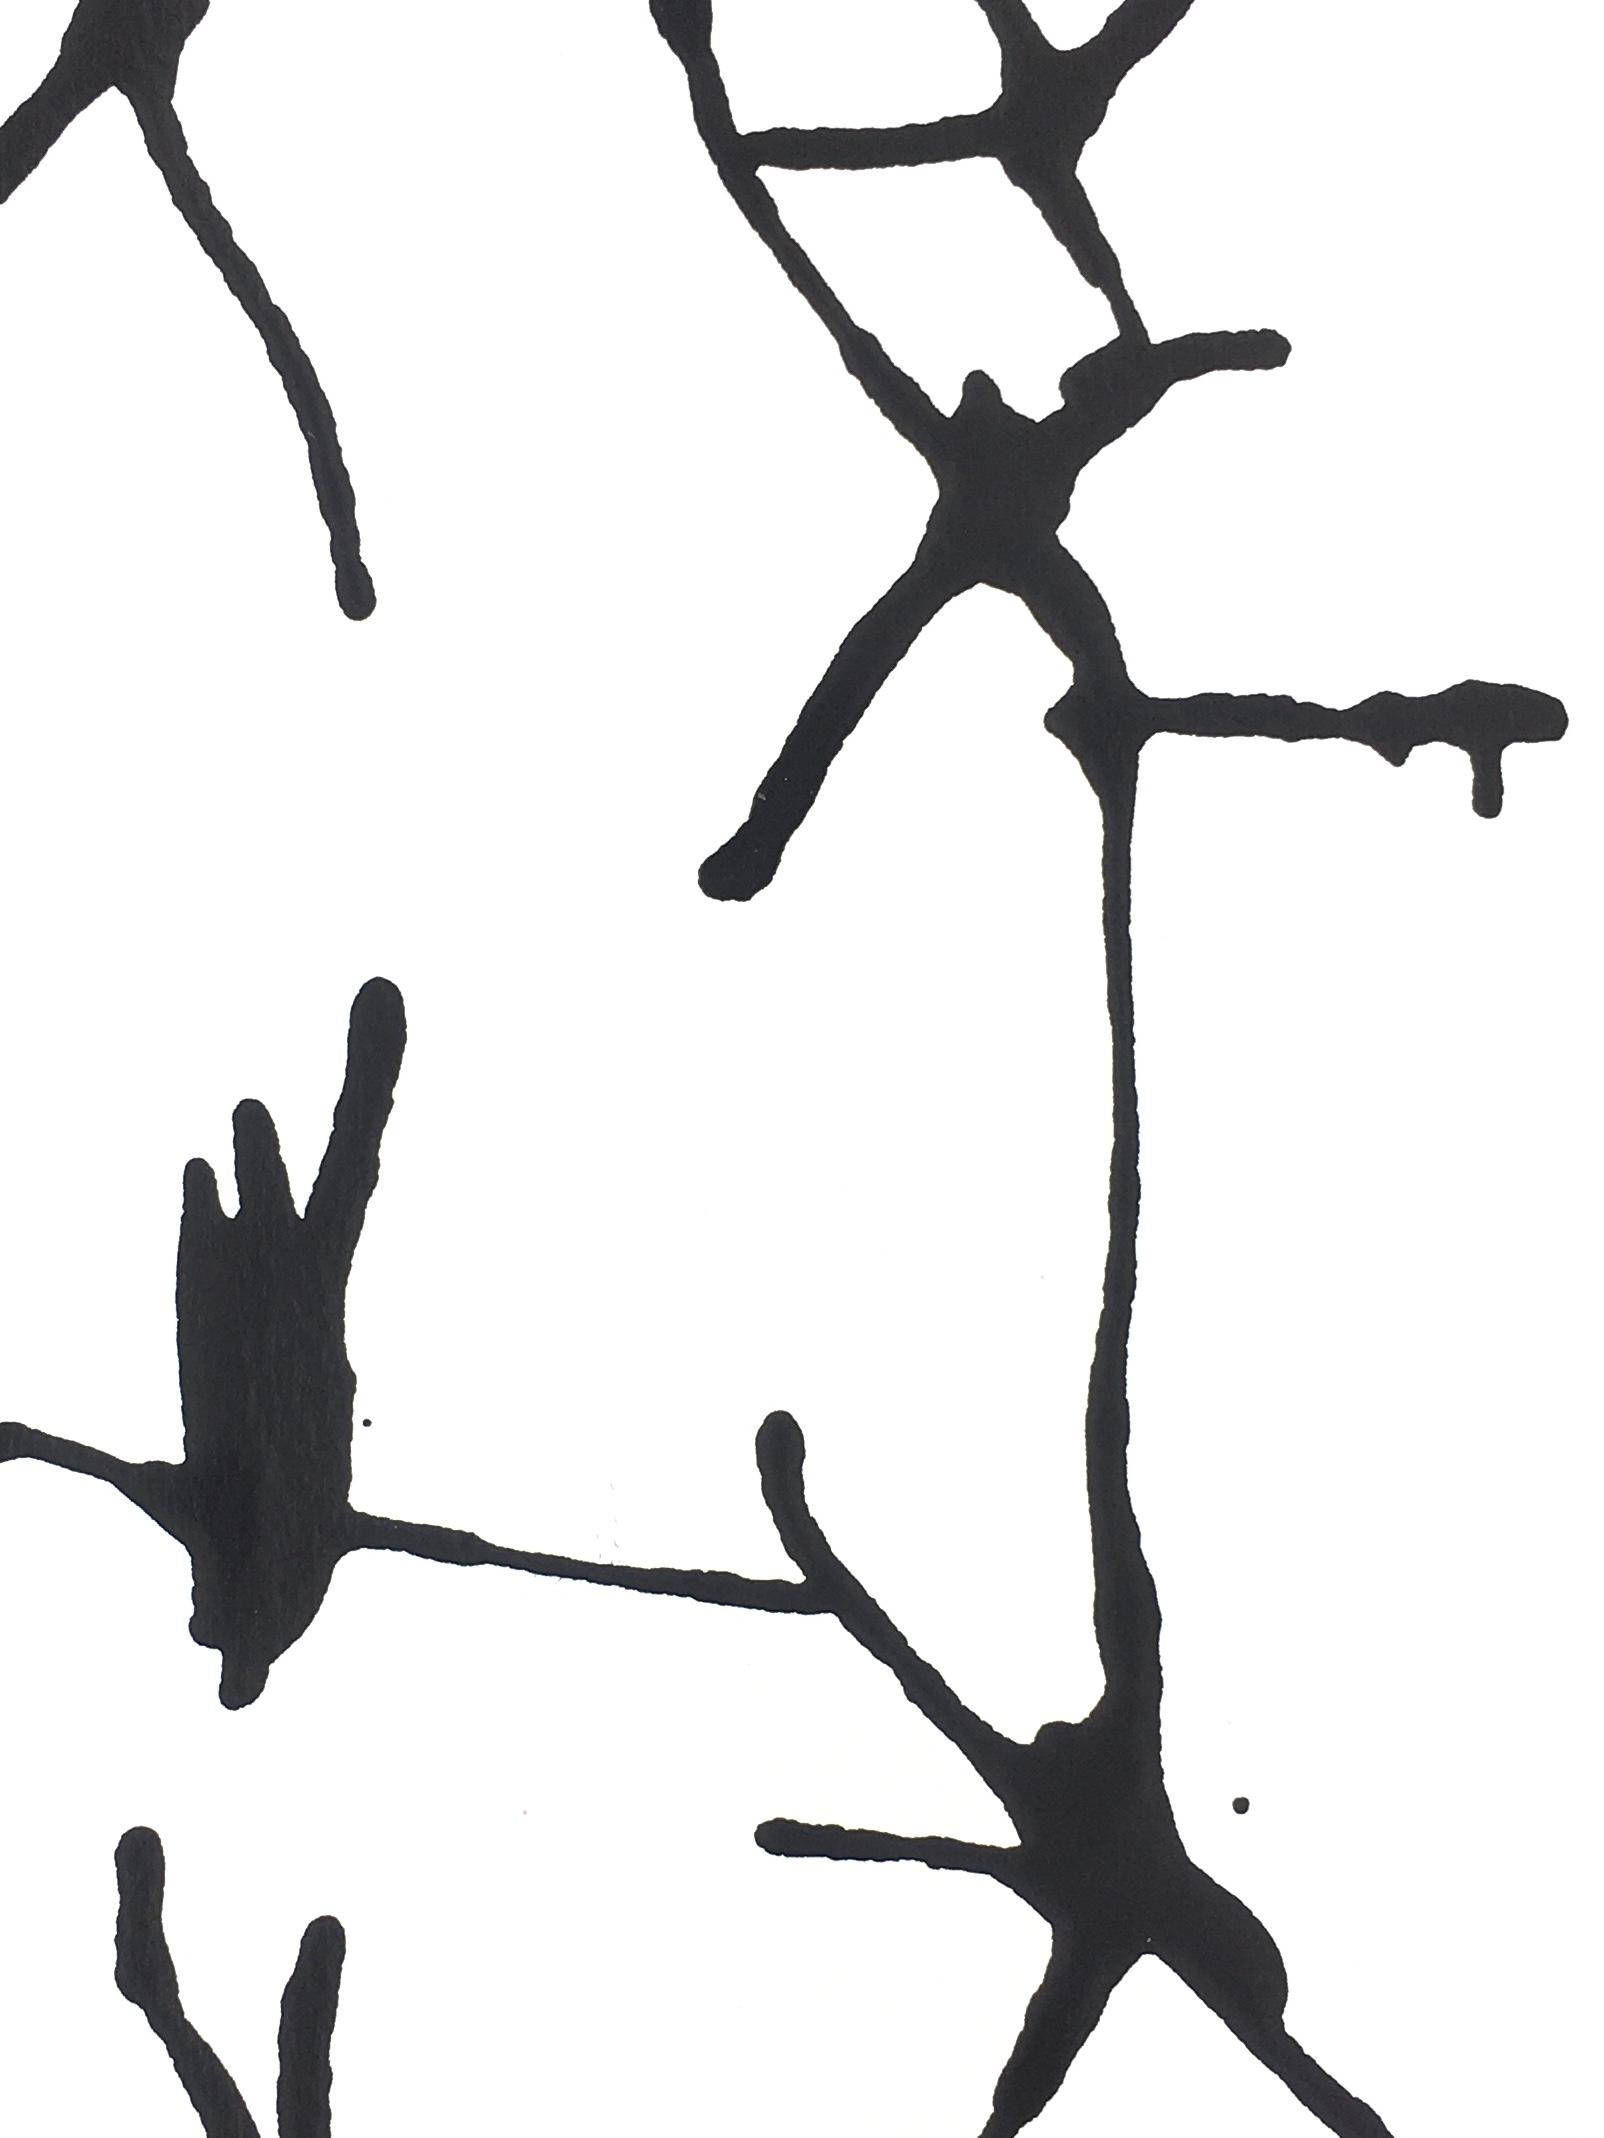 Modern Original Art - Black & White, Spe, 2018